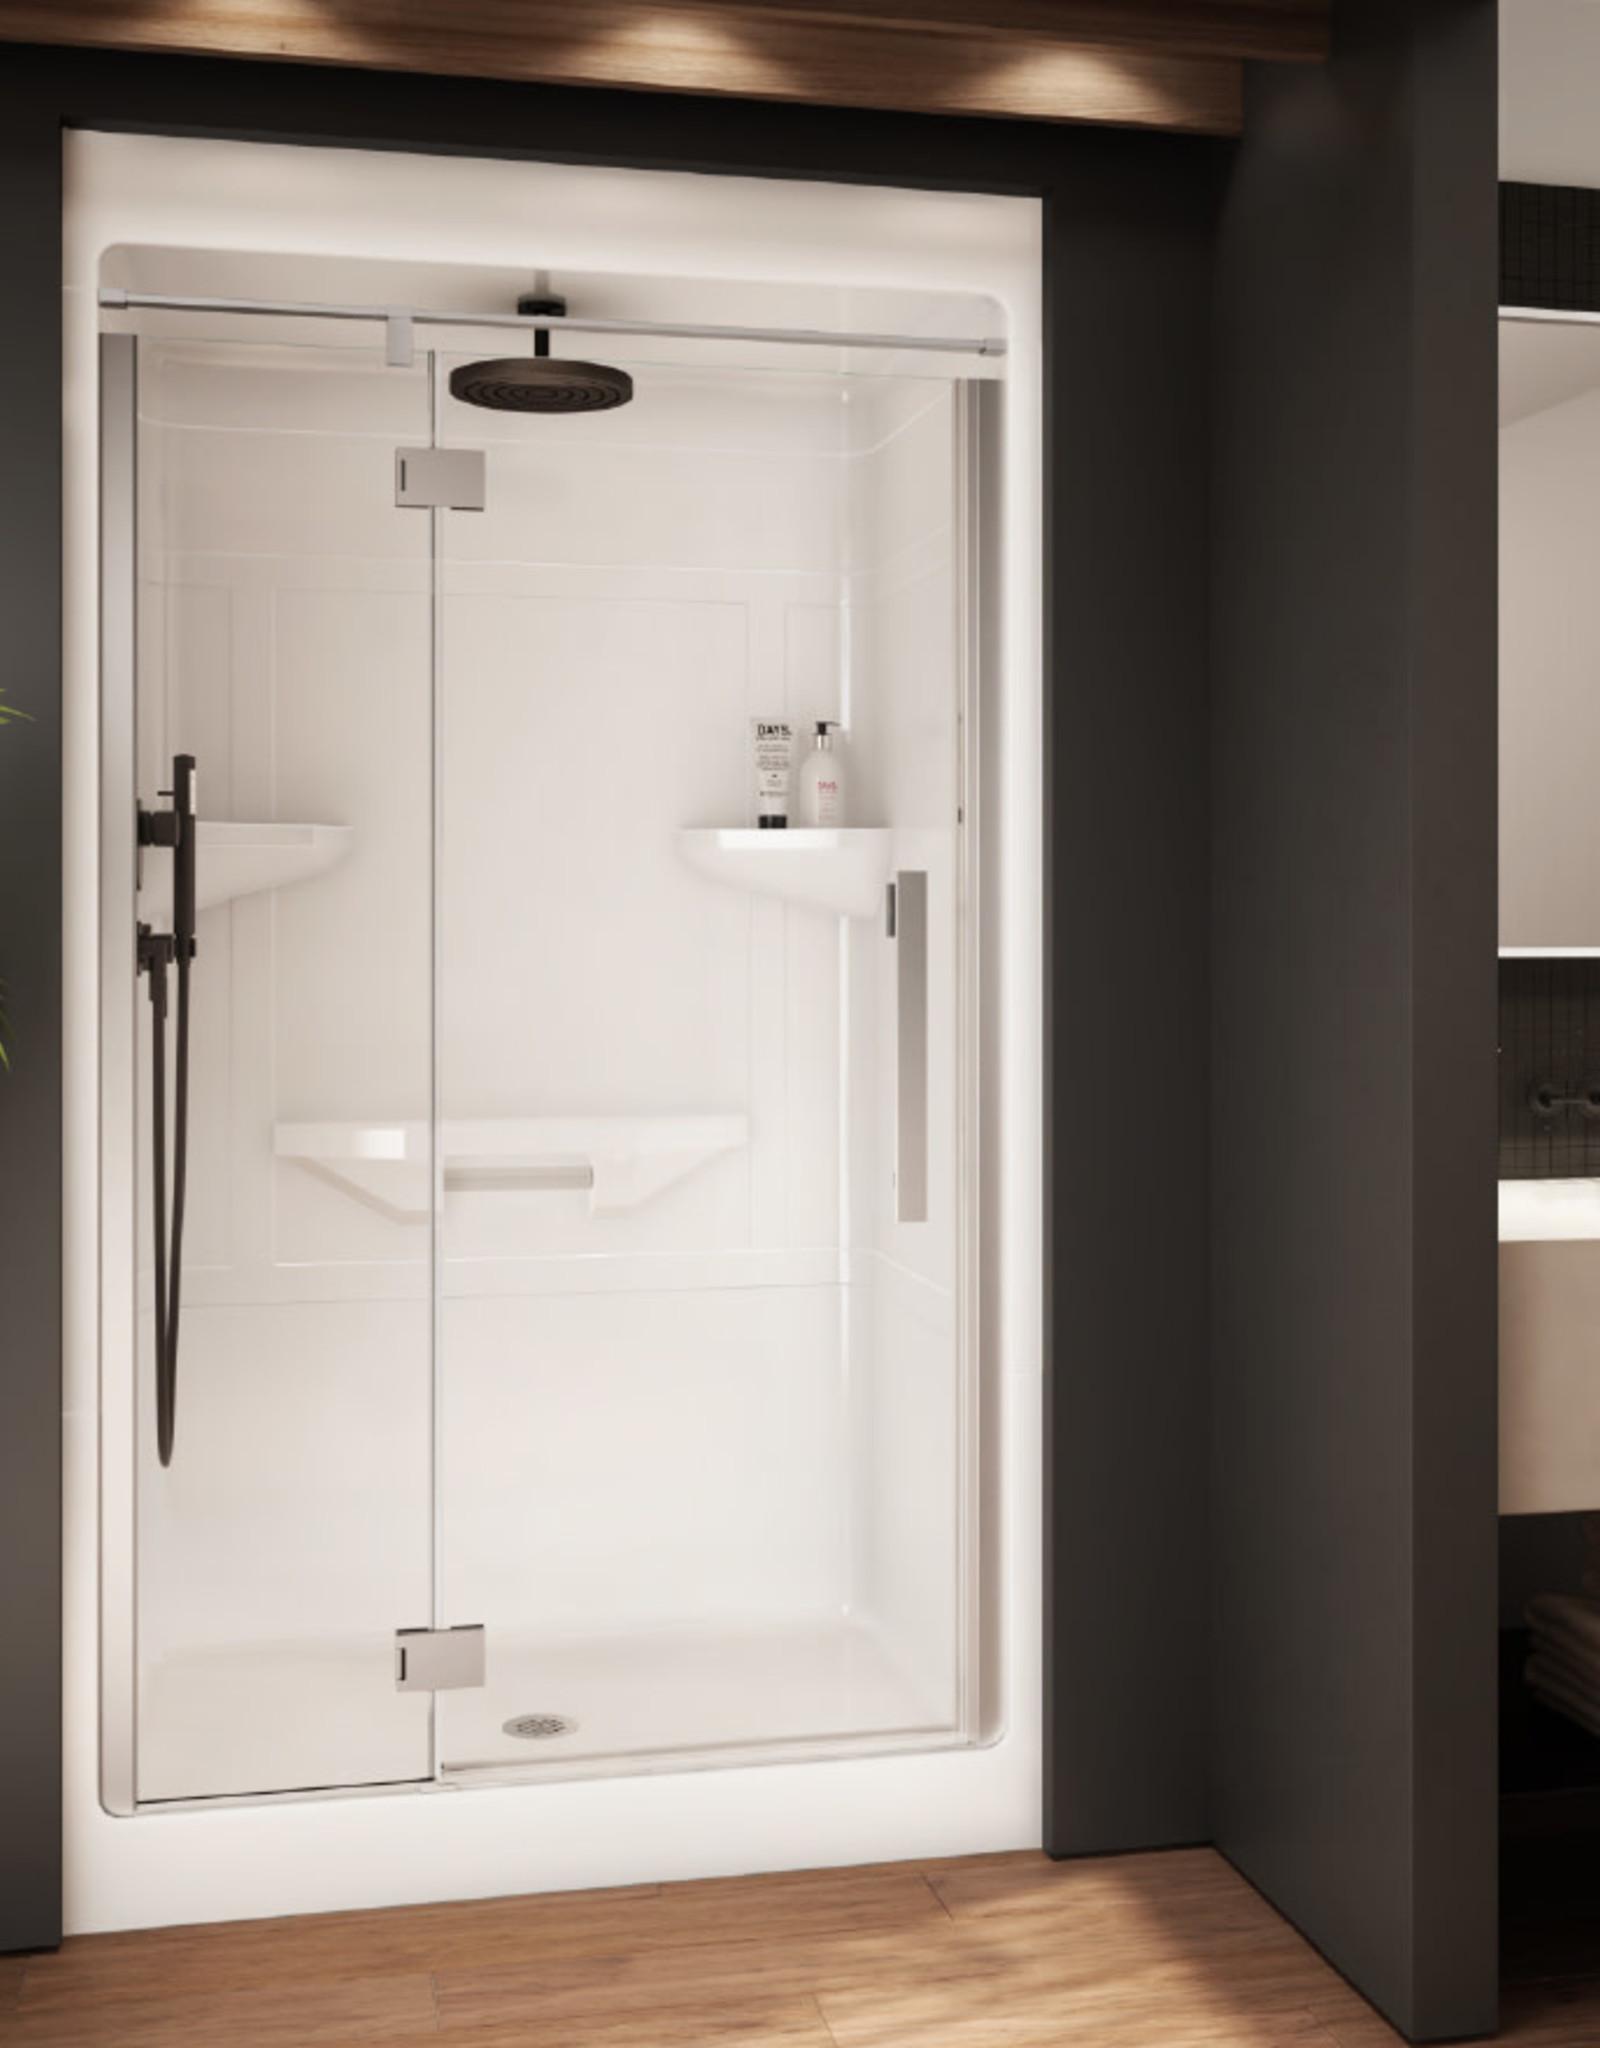 """Longevity Rideau I-D 1648-D 48"""" 1pc Shower Centre Drain- Left Seat White"""